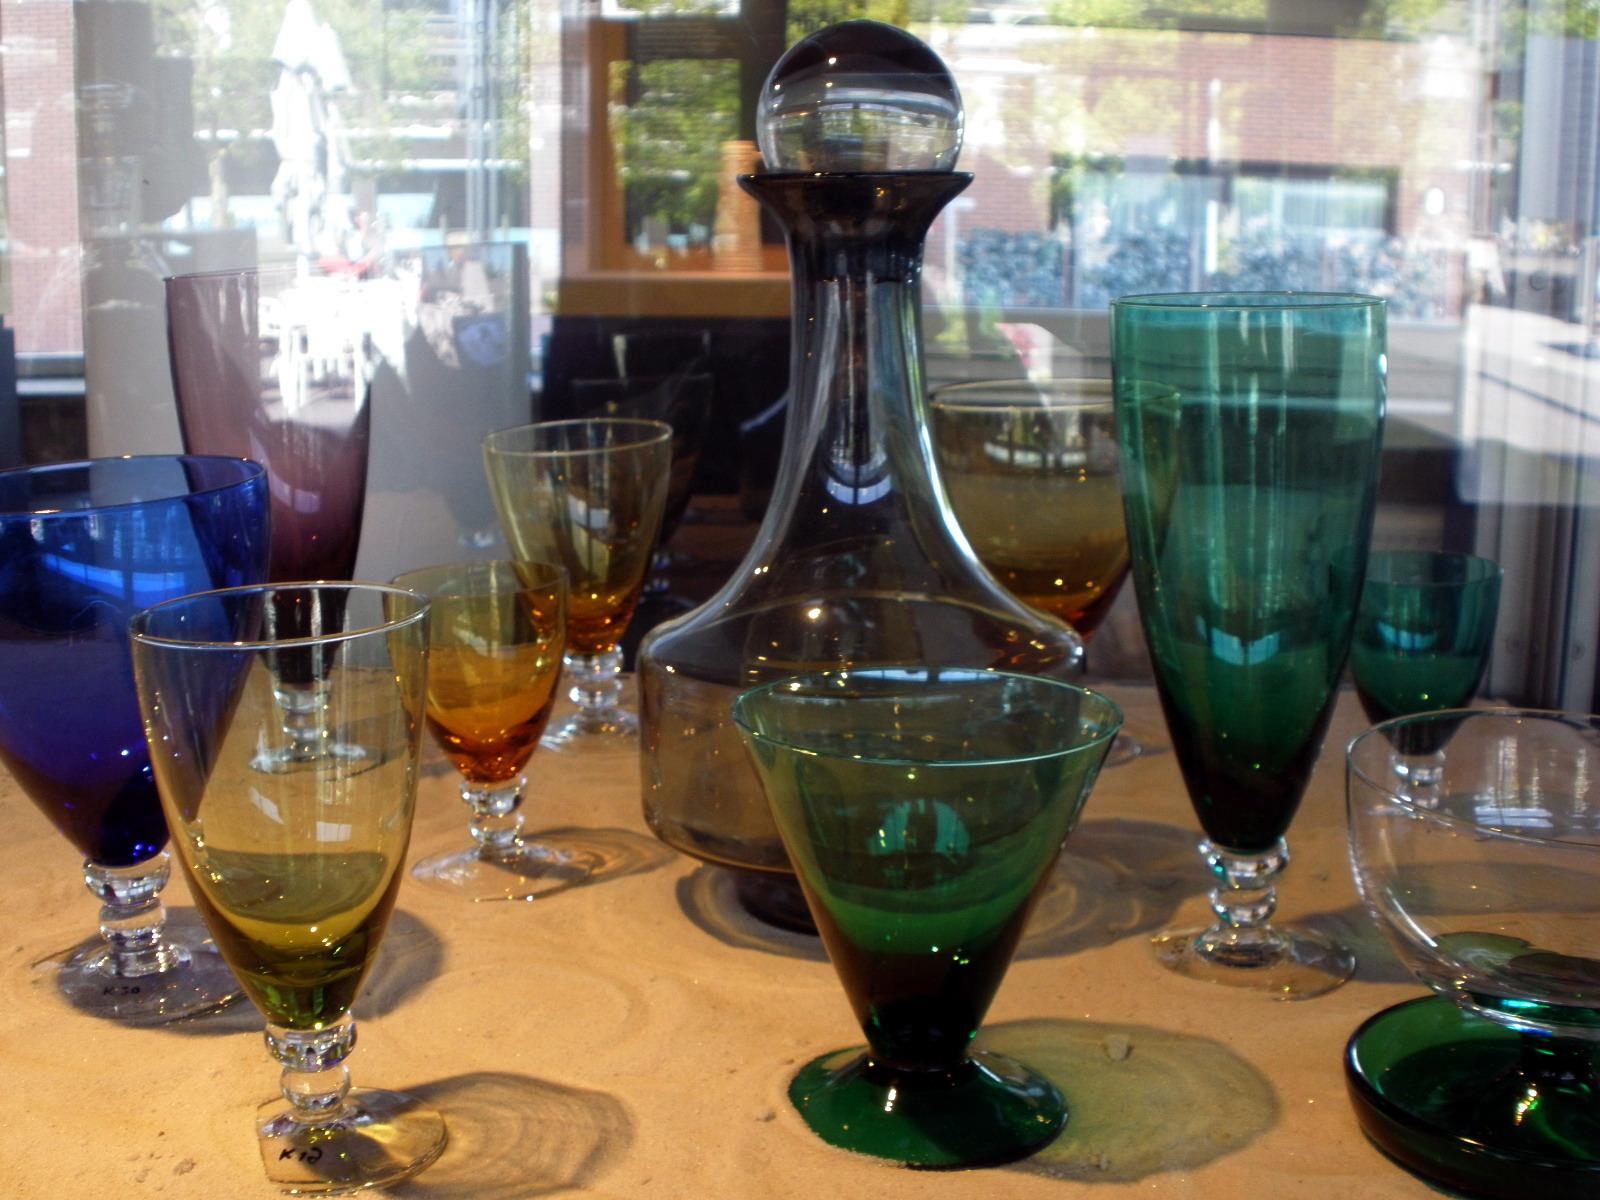 File:Glasservies Carnaval (Kristalunie, Max Verboeket, vanaf 1956 ...